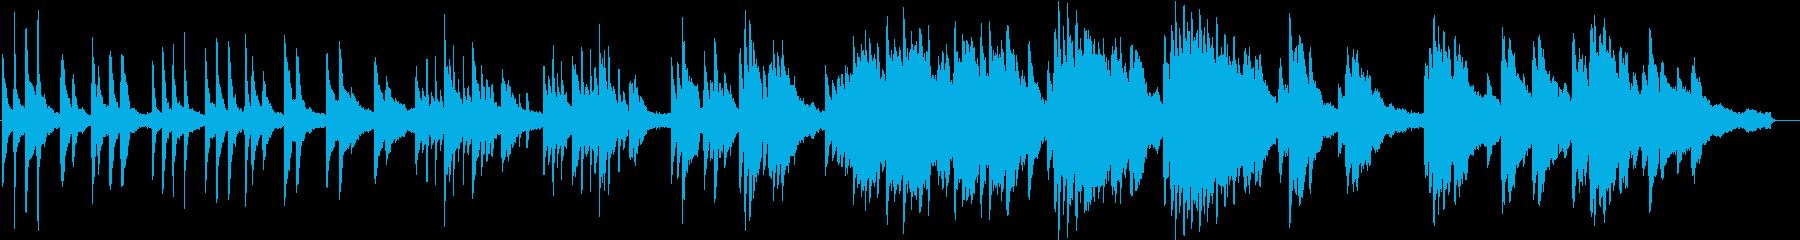 ヒーリングピアノ組曲 まどろみ 7の再生済みの波形